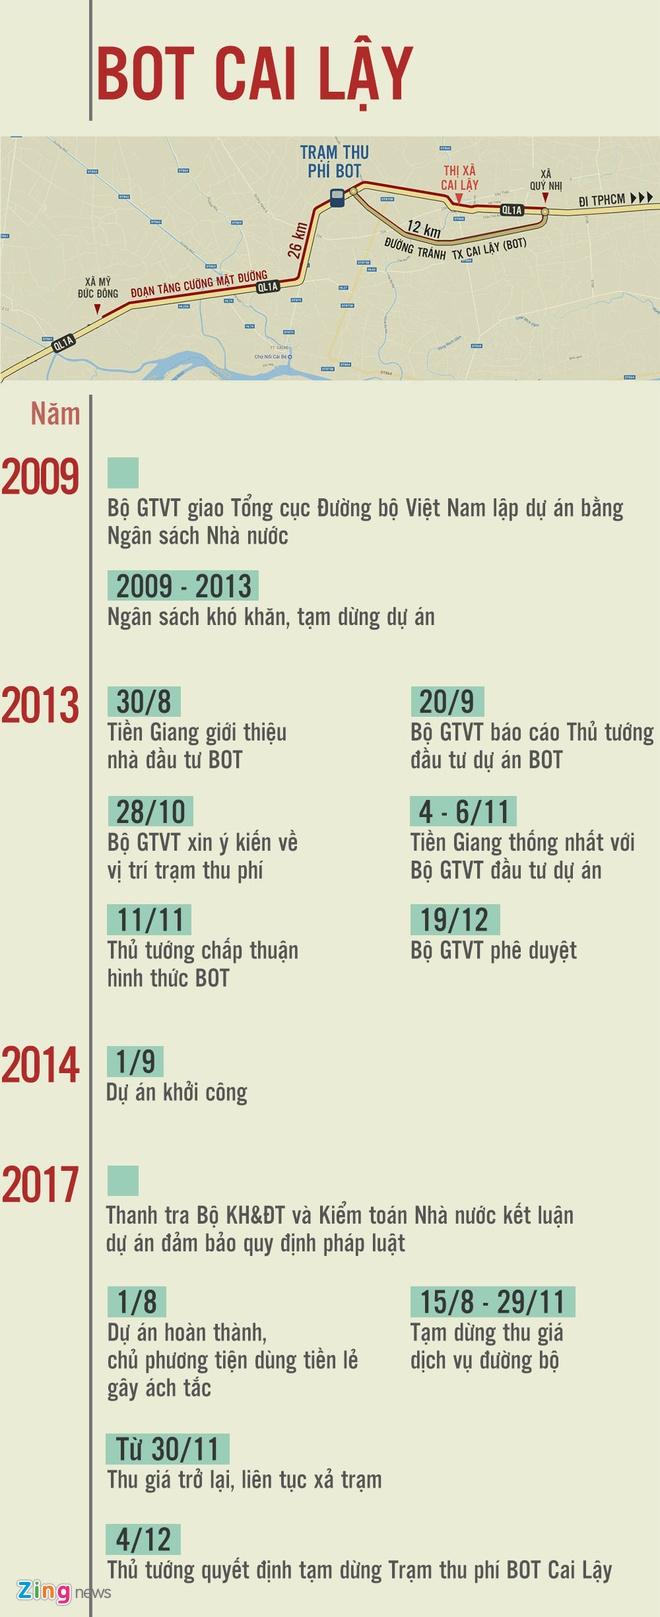 Bo Giao thong dua 3 kich ban ve du an BOT Cai Lay hinh anh 2